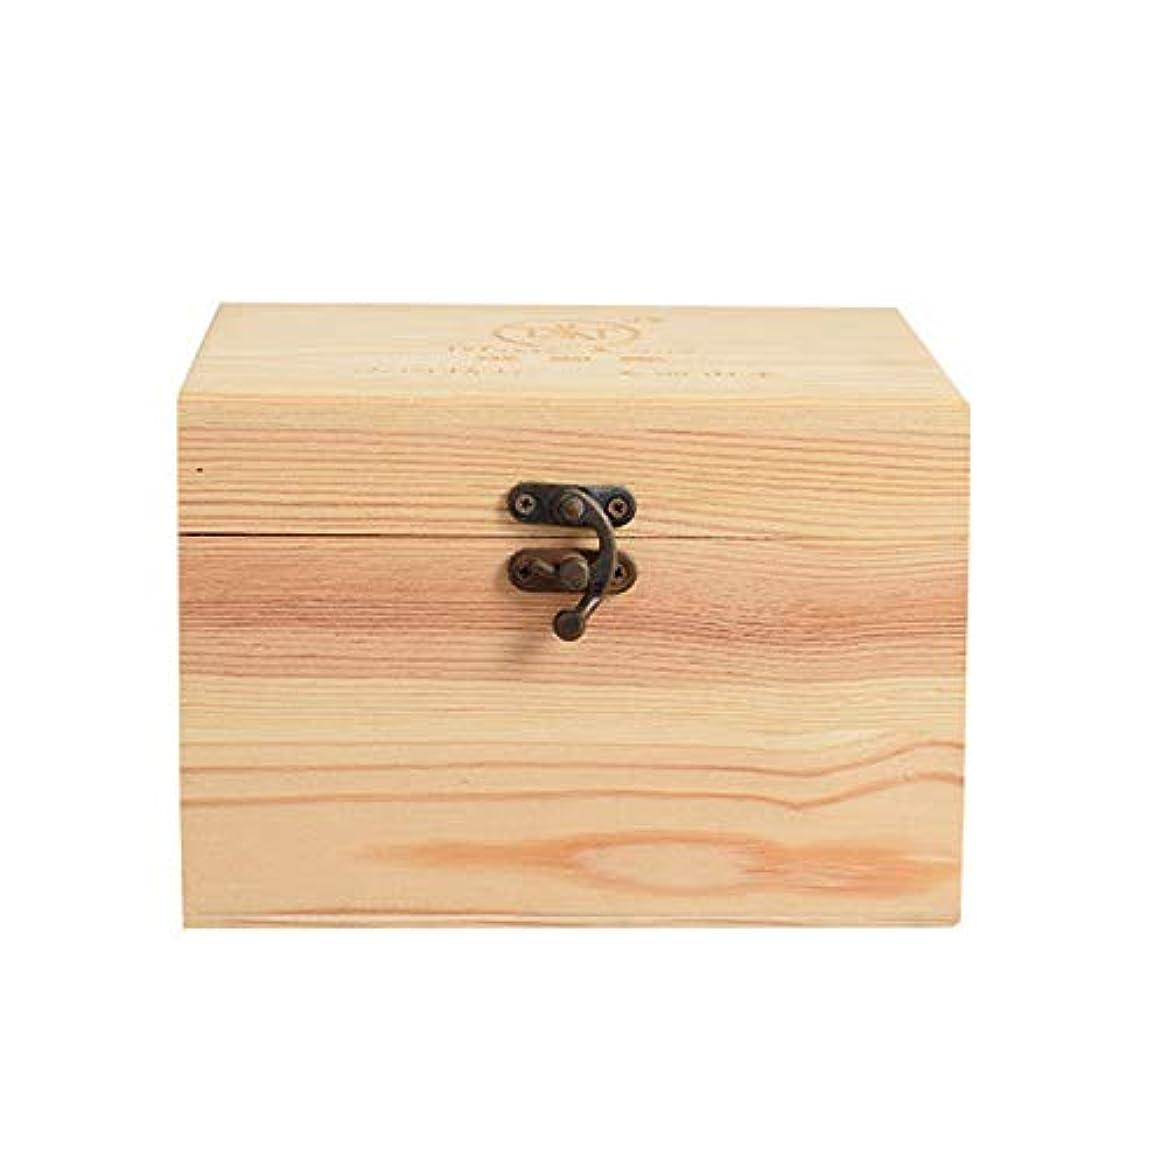 フレッシュ形ミネラルエッセンシャルオイルの保管 プレゼンテーションのために9ボトル木製エッセンシャルオイルストレージボックスパーフェクトエッセンシャルオイルケースは被害太陽光からあなたの油を保護します (色 : Natural, サイズ : 16.5X11.5X15CM)